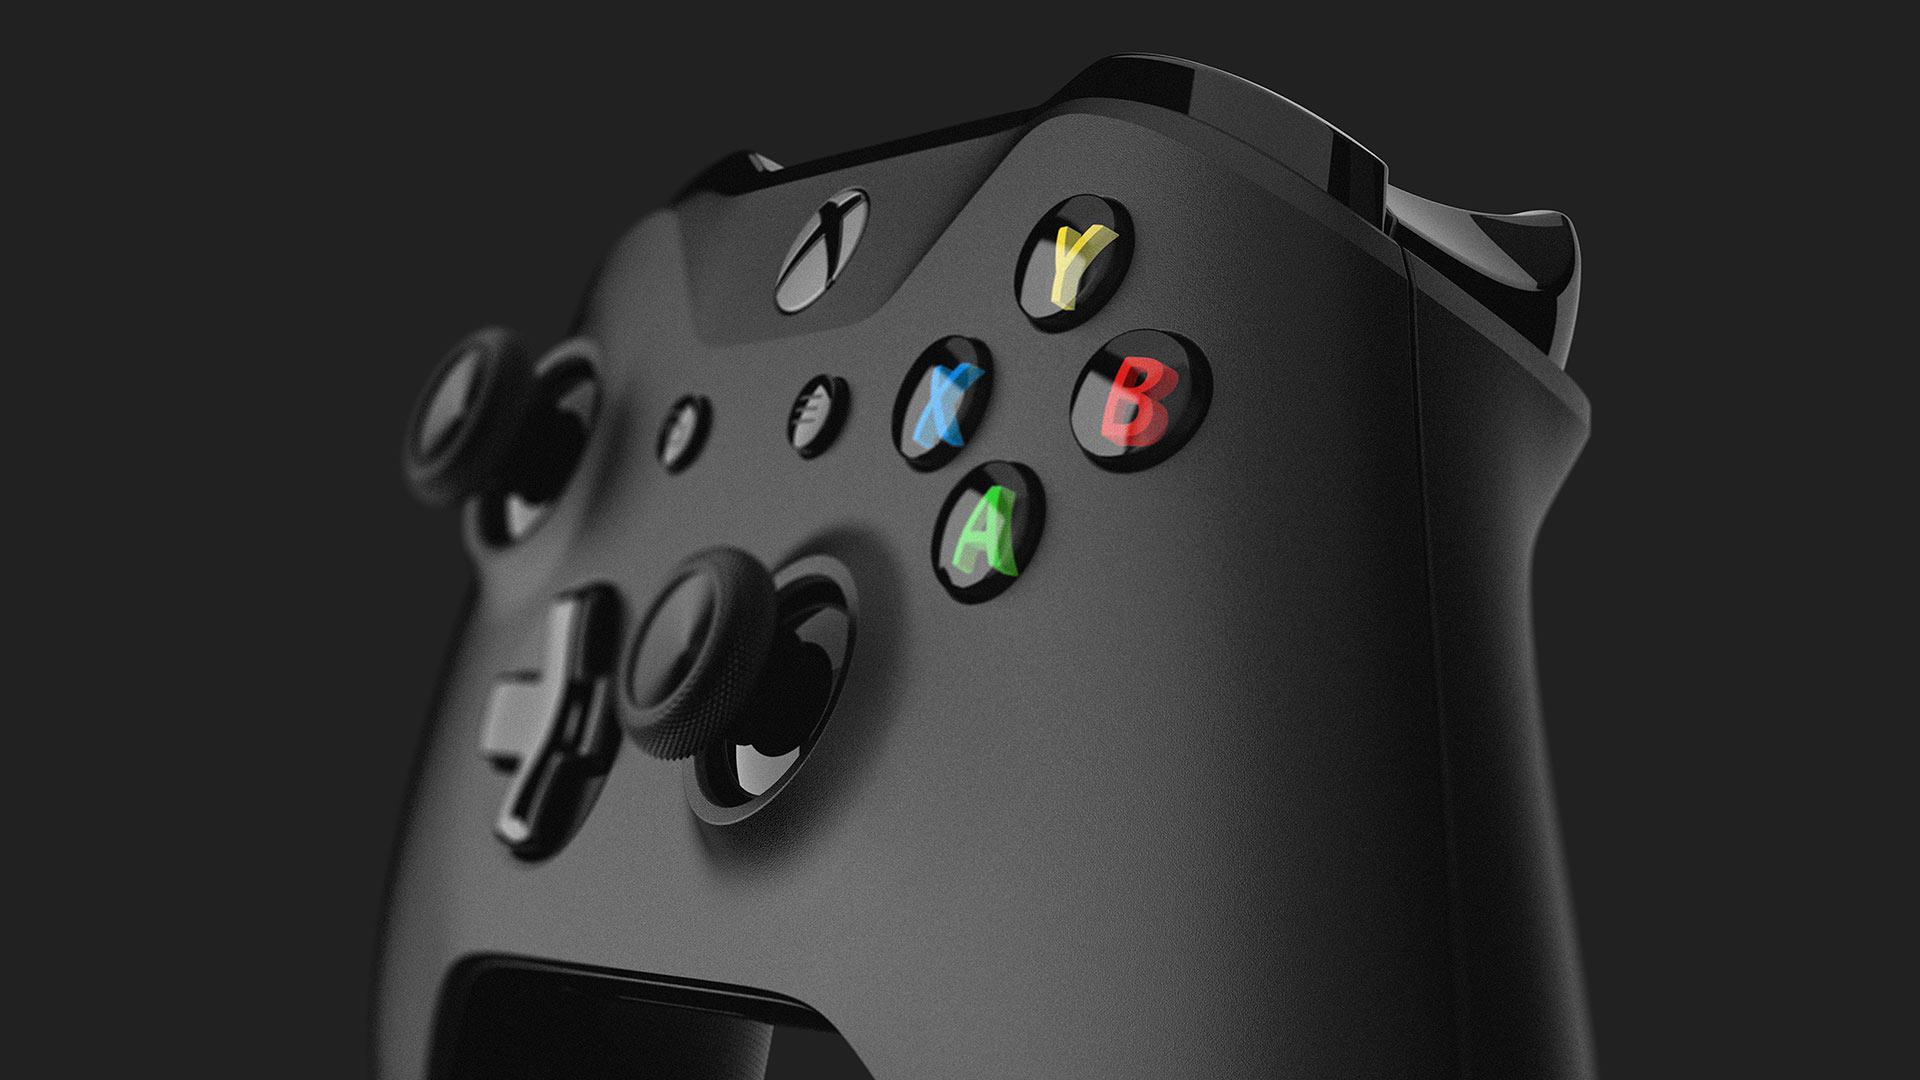 La Mise à Jour Xbox One Corrige Les Problèmes Dans